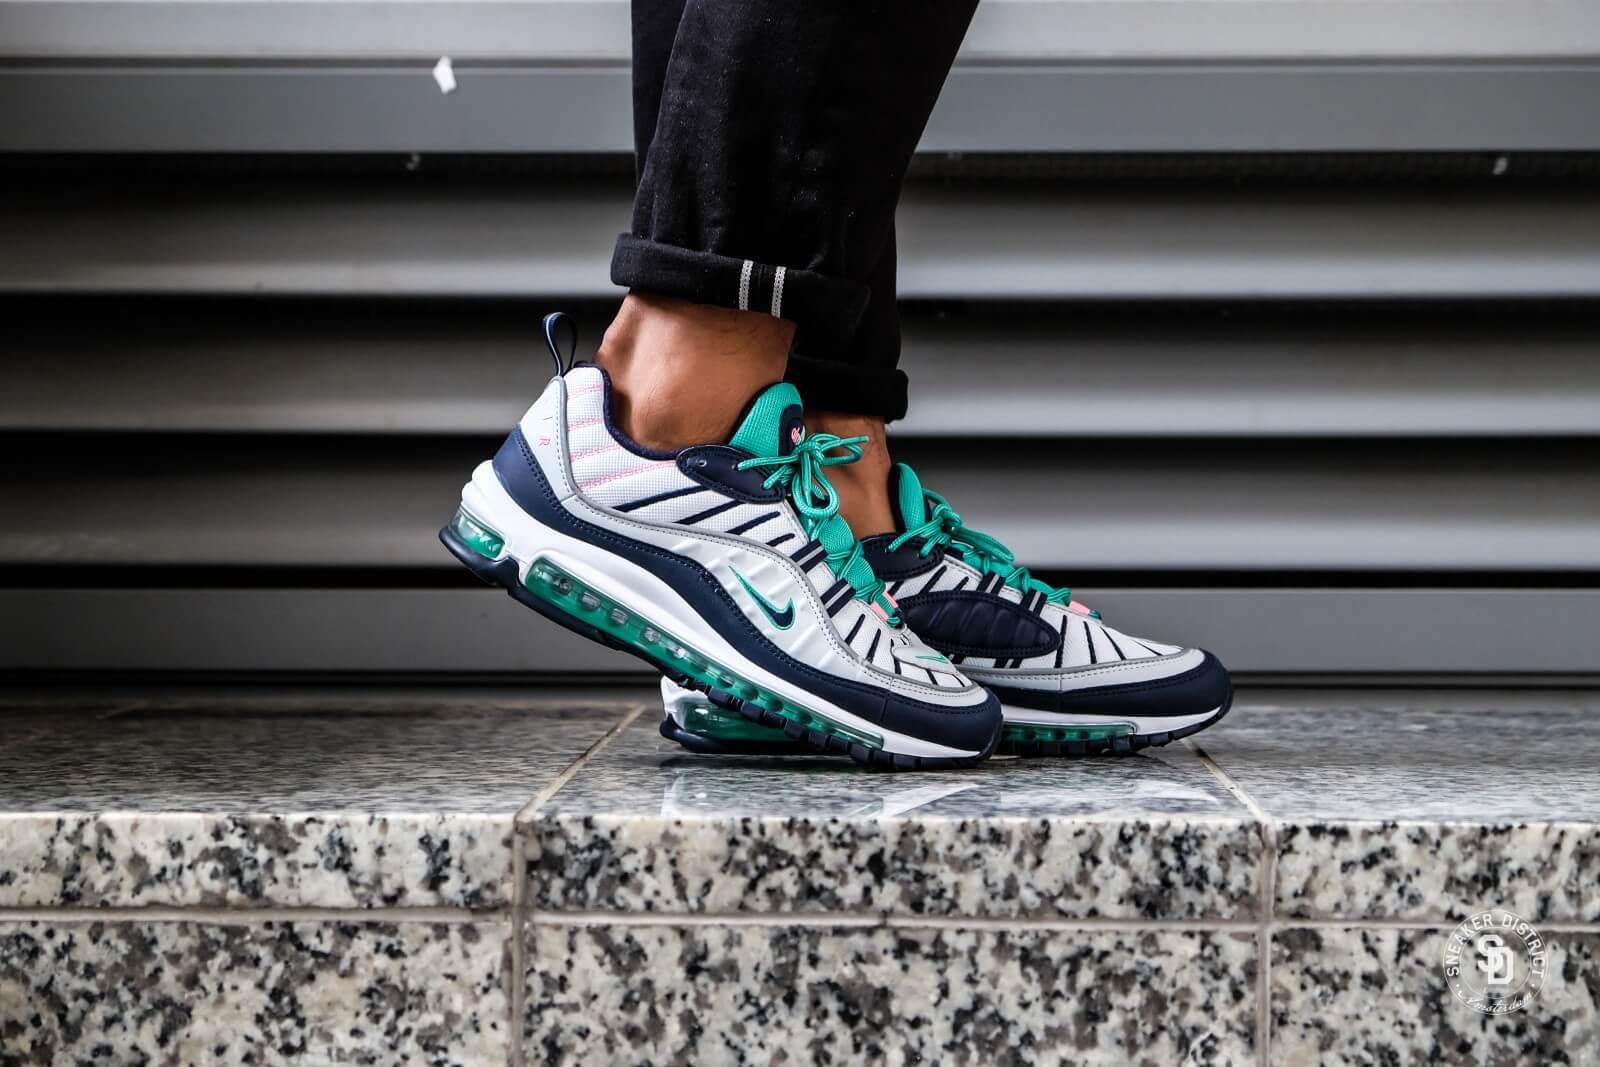 Nike Air Max 98 Pure Platinum/Obsidian